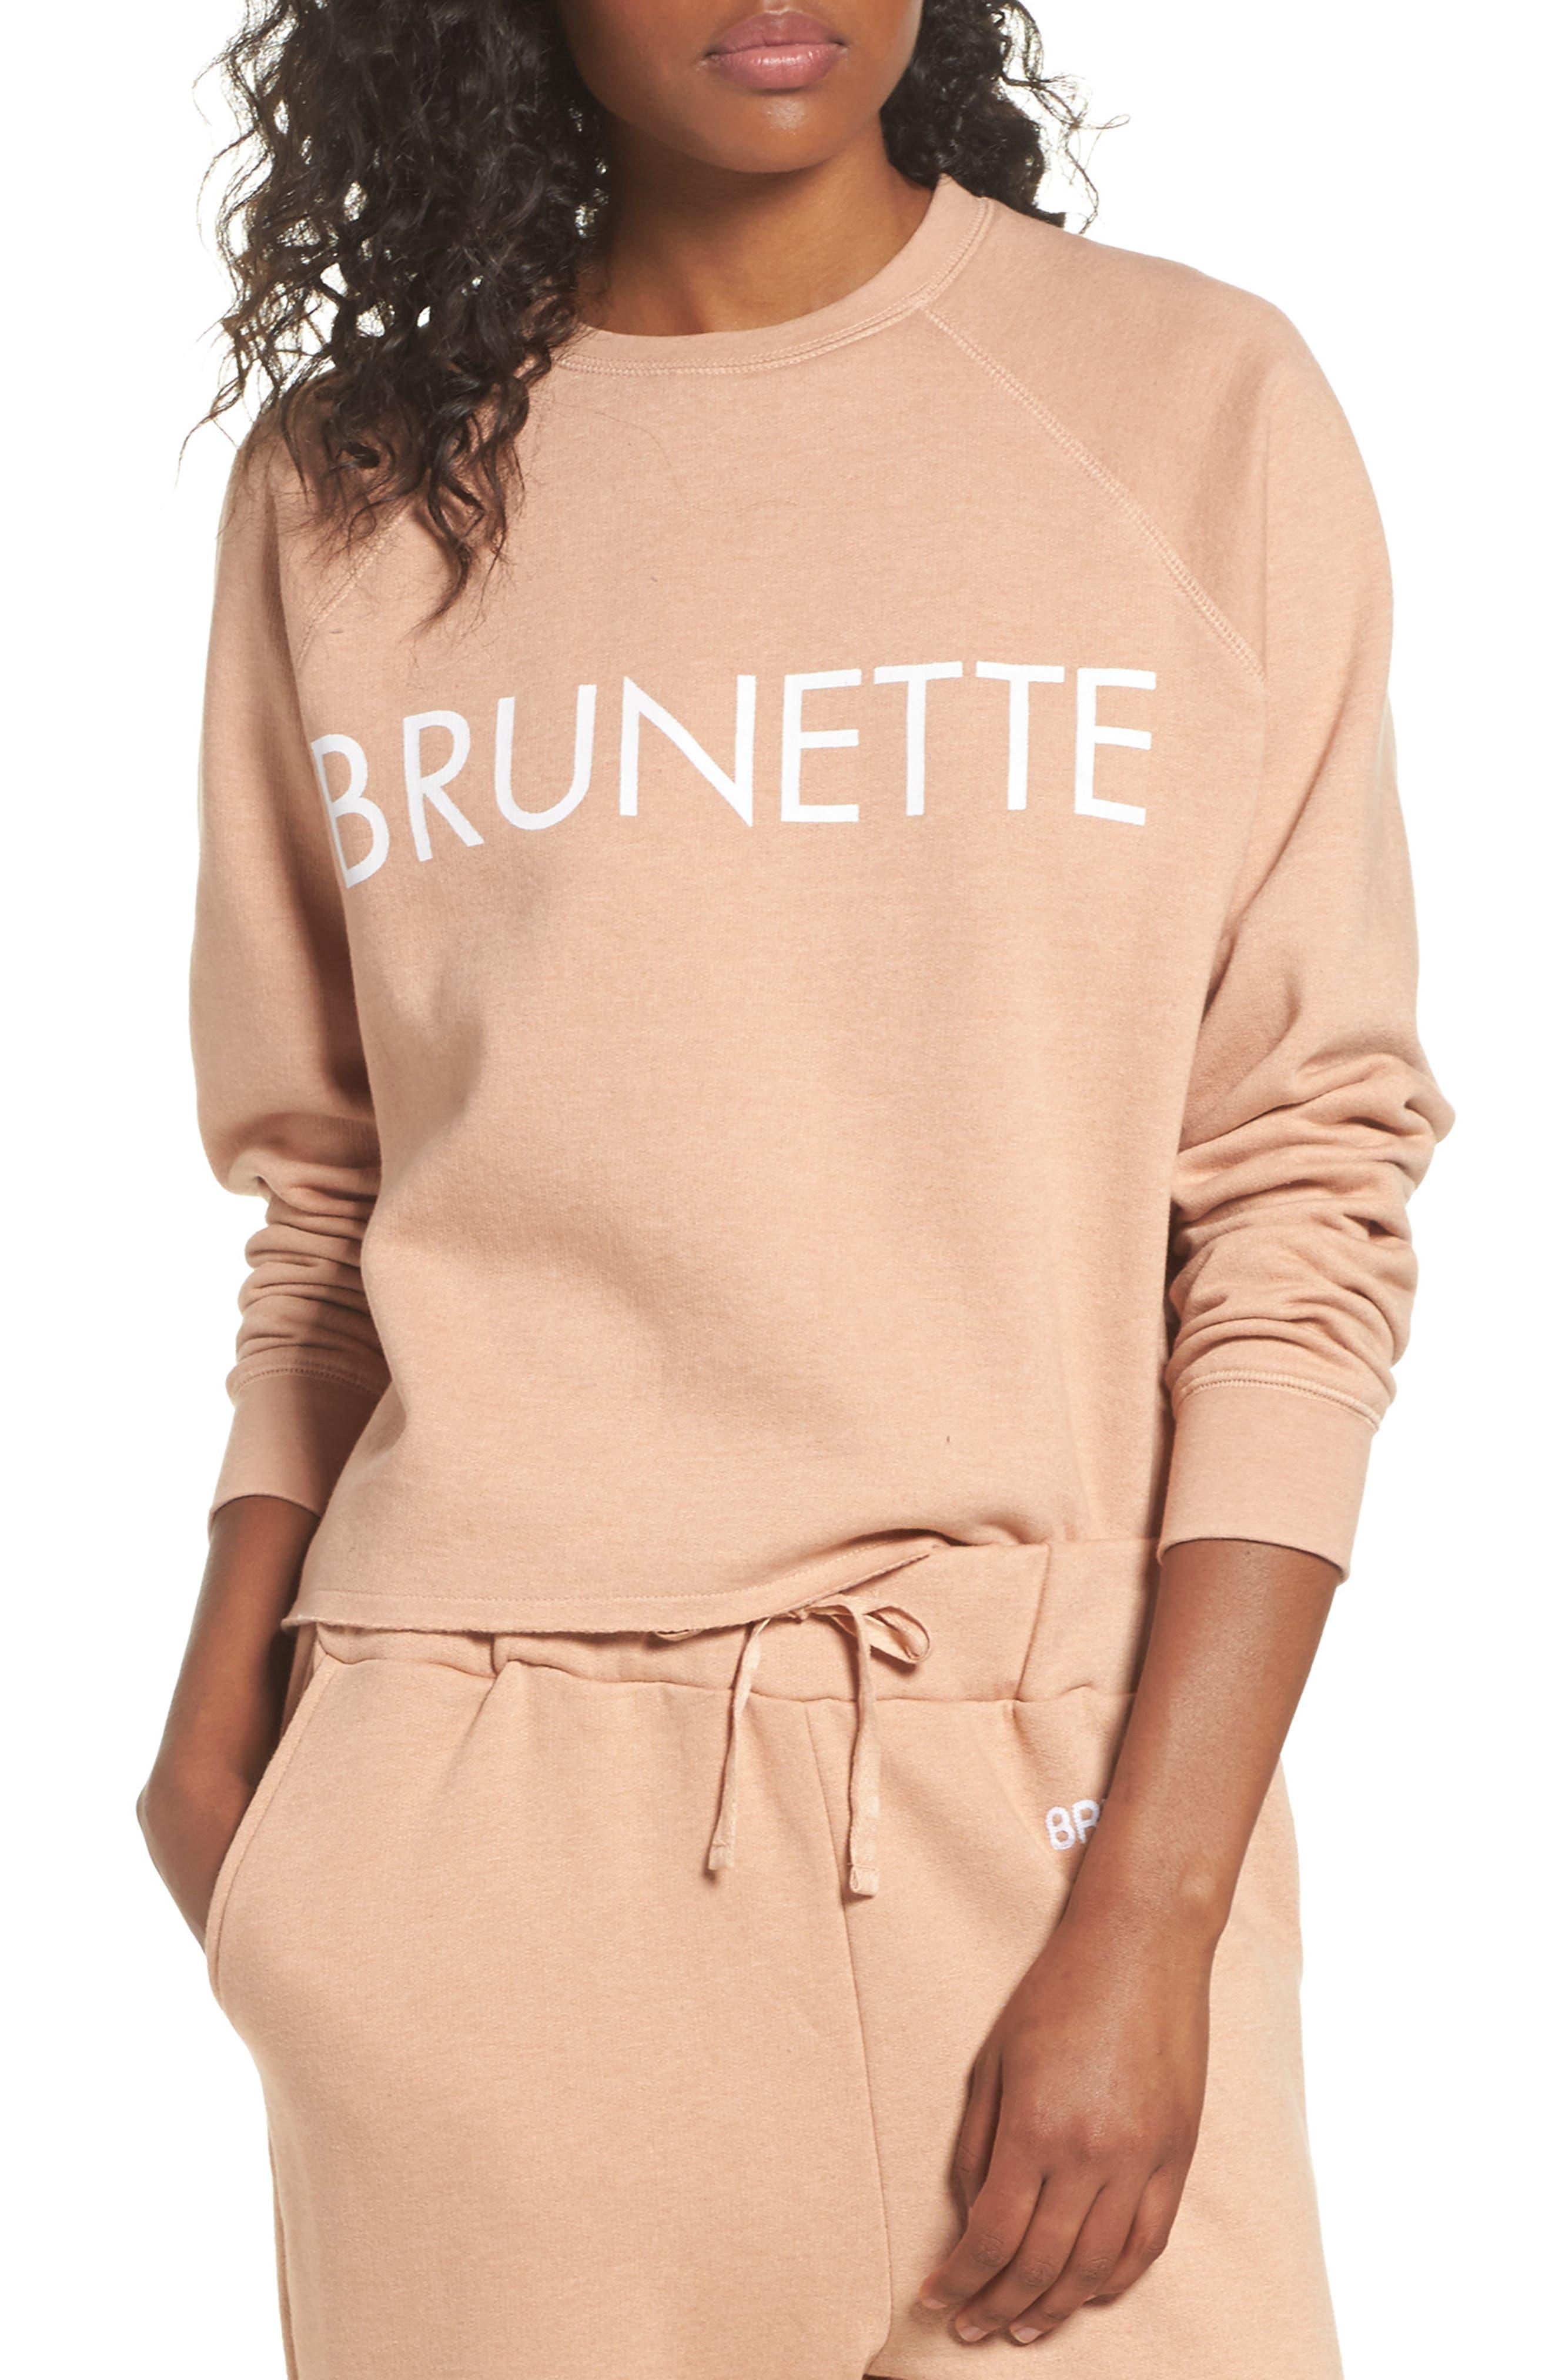 Alternate Image 1 Selected - BRUNETTE the Label Middle Sister Brunette Sweatshirt